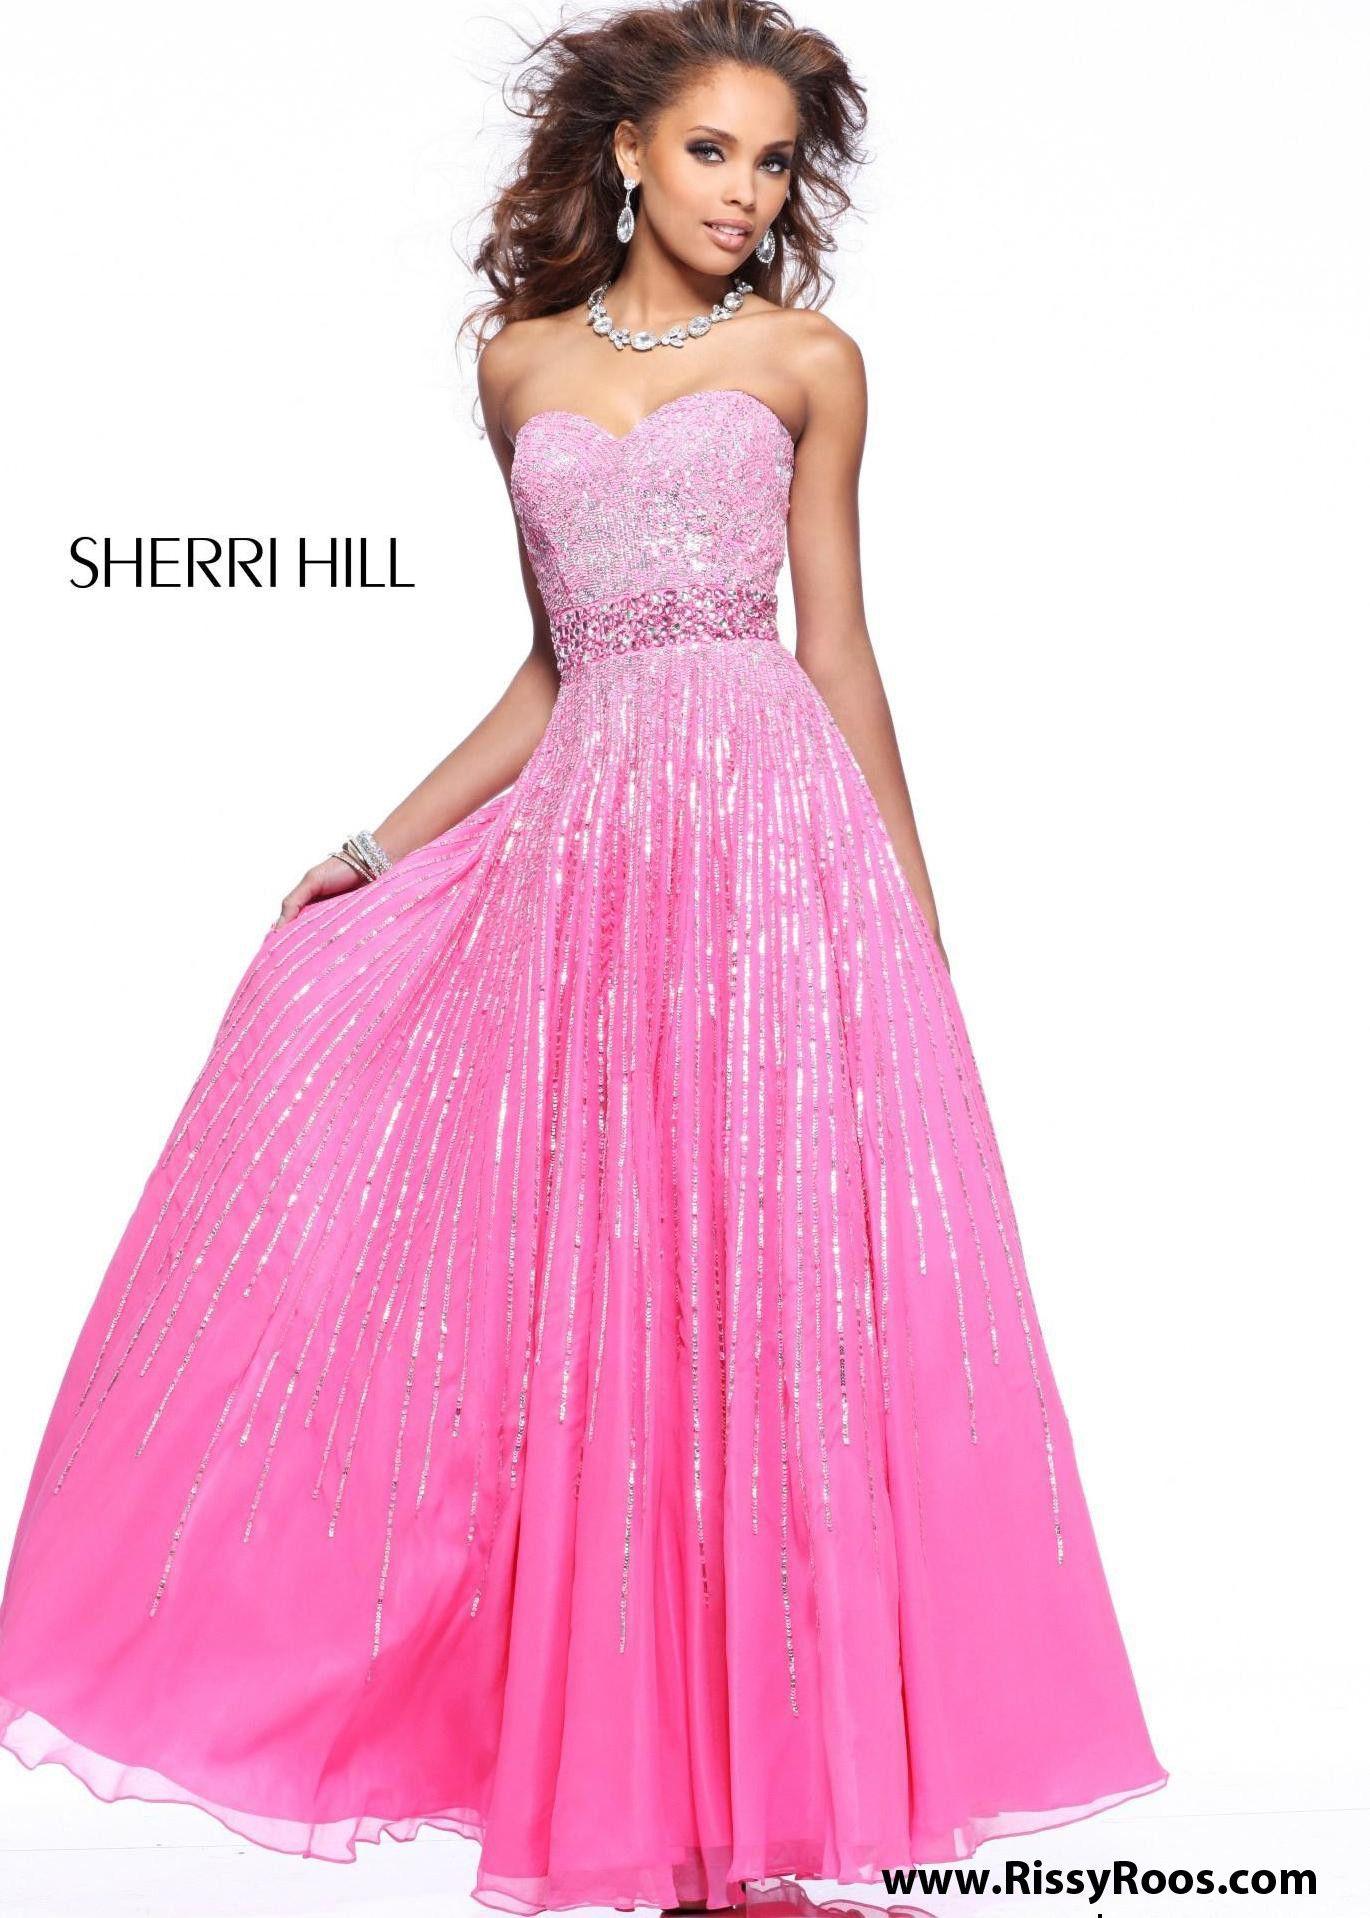 Sherrihillpinkg elegant dresses